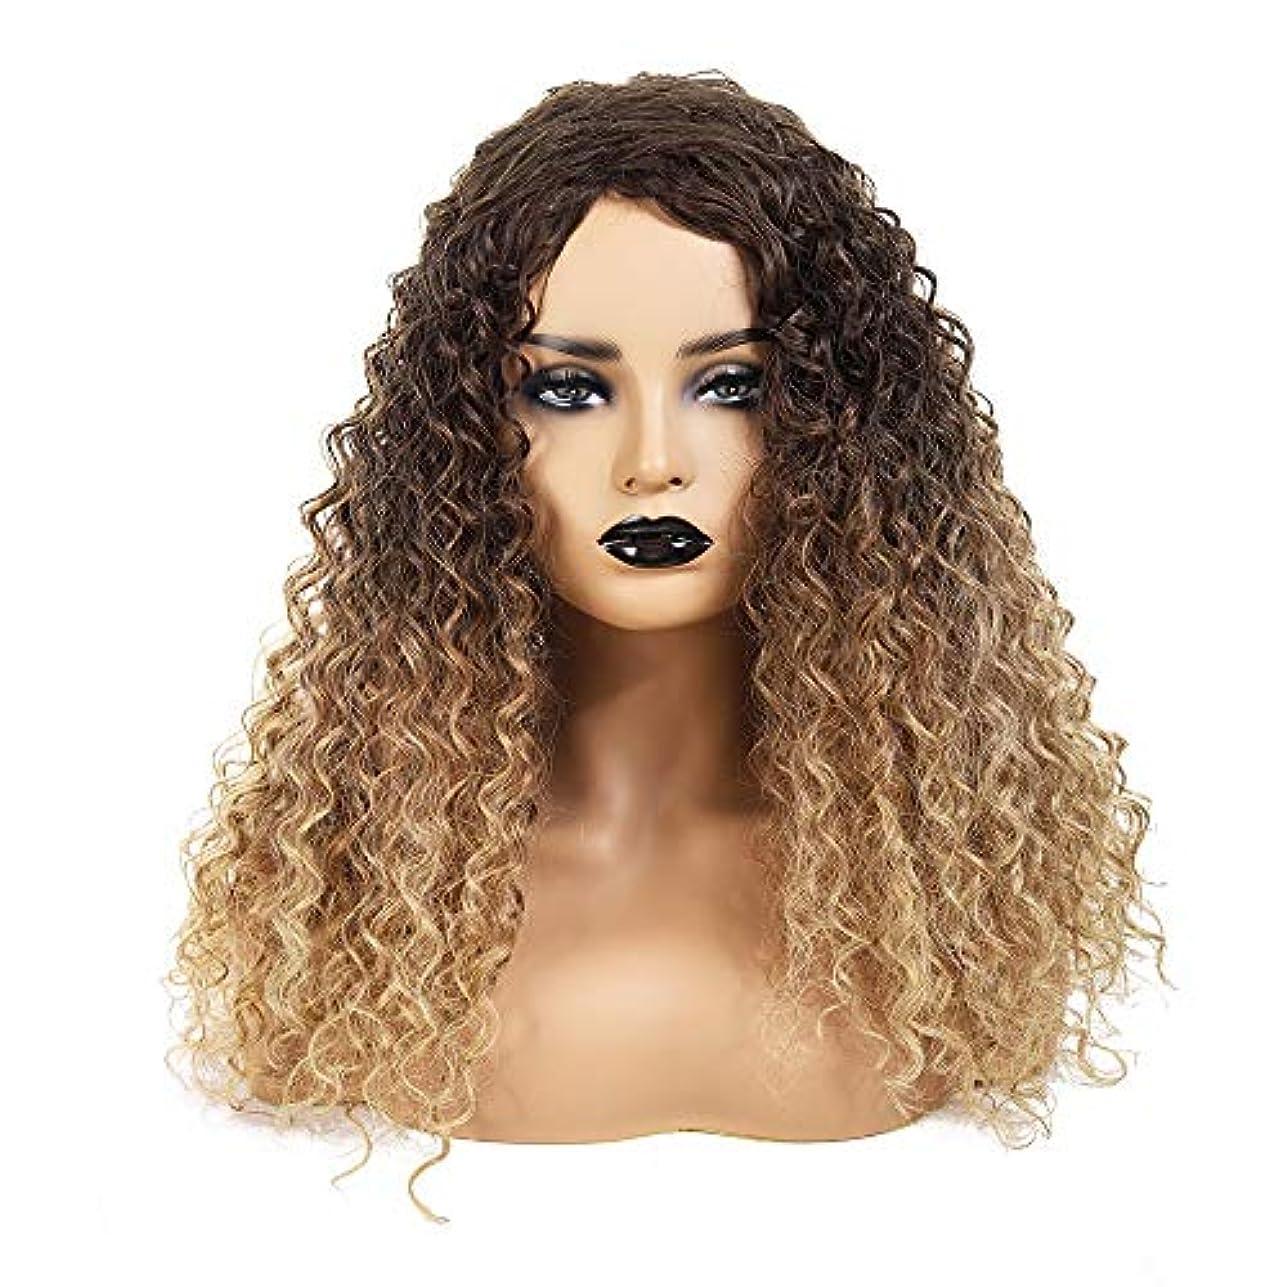 一口踊り子添加WASAIO アフロ巻き毛ブラウンルーツグラジエントブロンド耐性熱合成ふわふわウィッグアクセサリースタイル交換用ファイバー18インチ (色 : Blonde)